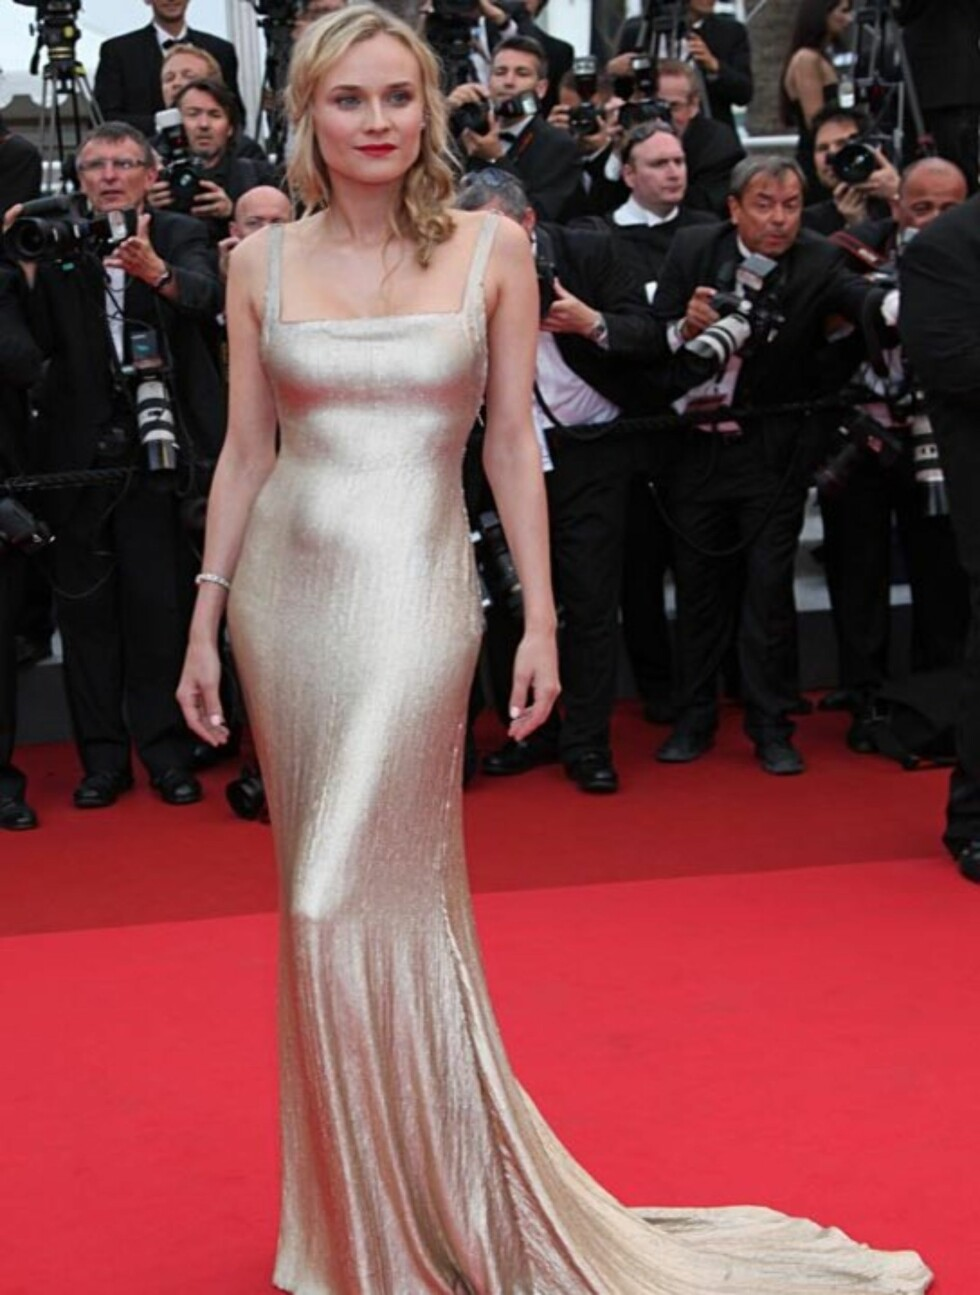 SLINKY SKJØNNHET: Skuespiller Diane Kruger imponerte i en metallisk Calvin Klein-kjole på vei inn til «Sleeping Beauty»-visningen.   Foto: Stella  Pictures